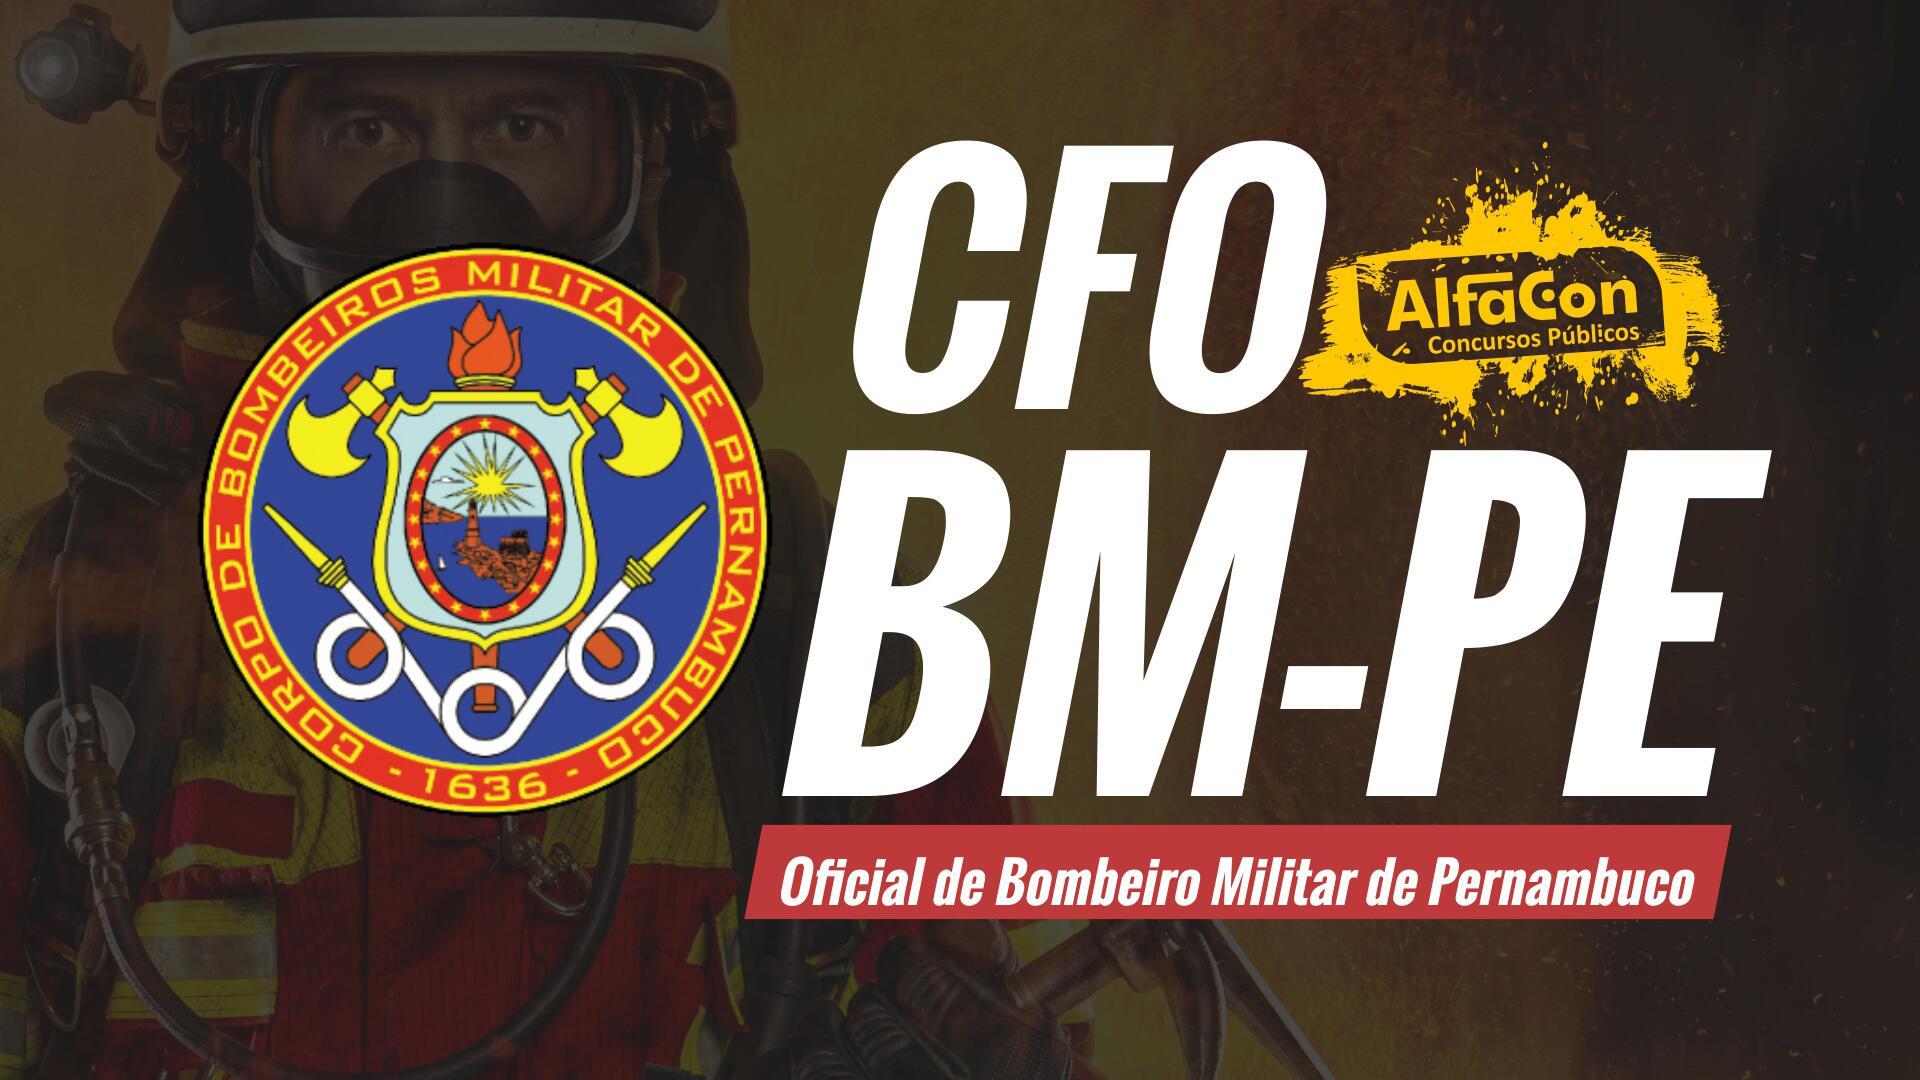 CFO BM PE - Oficial de Bombeiro Militar de Pernambuco